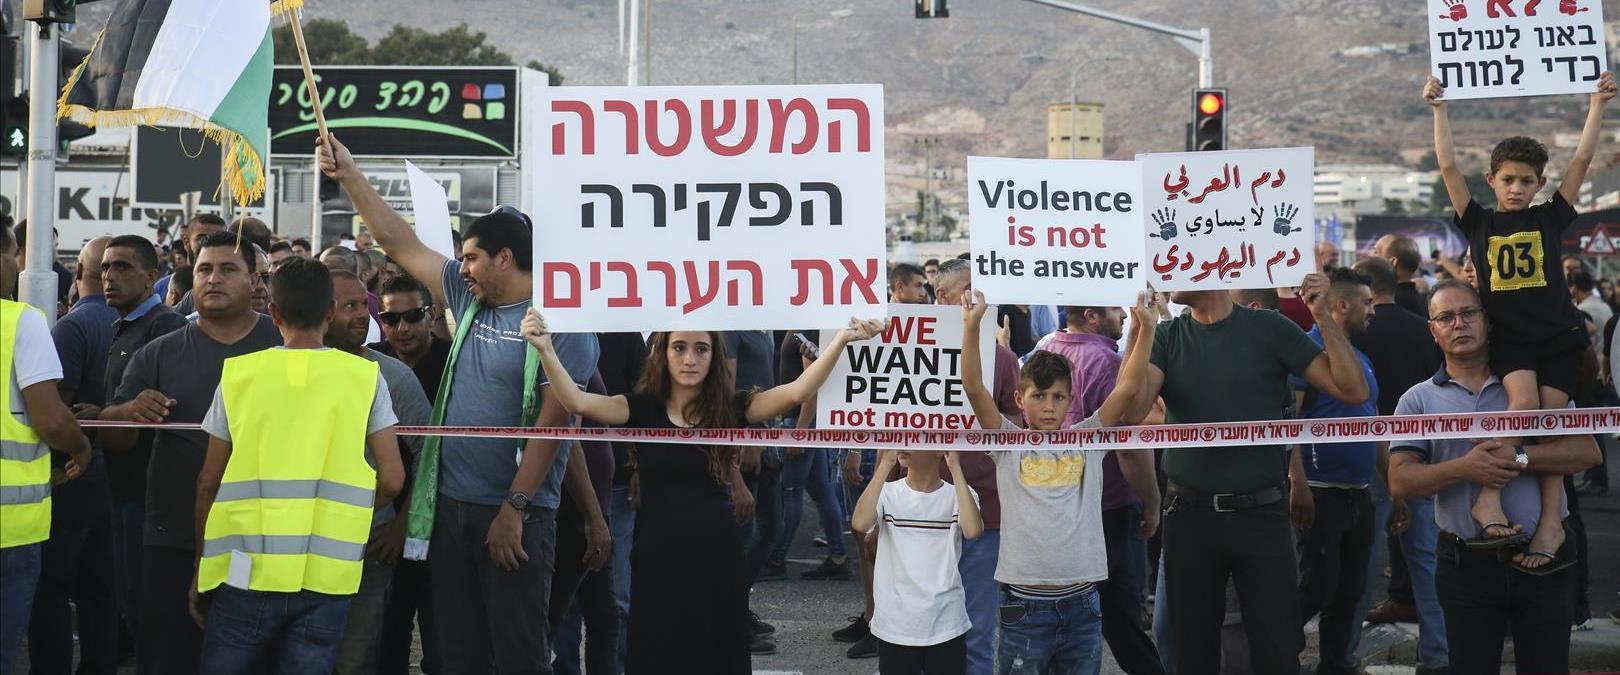 הפגנה בחברה הערבית נגד האלימות